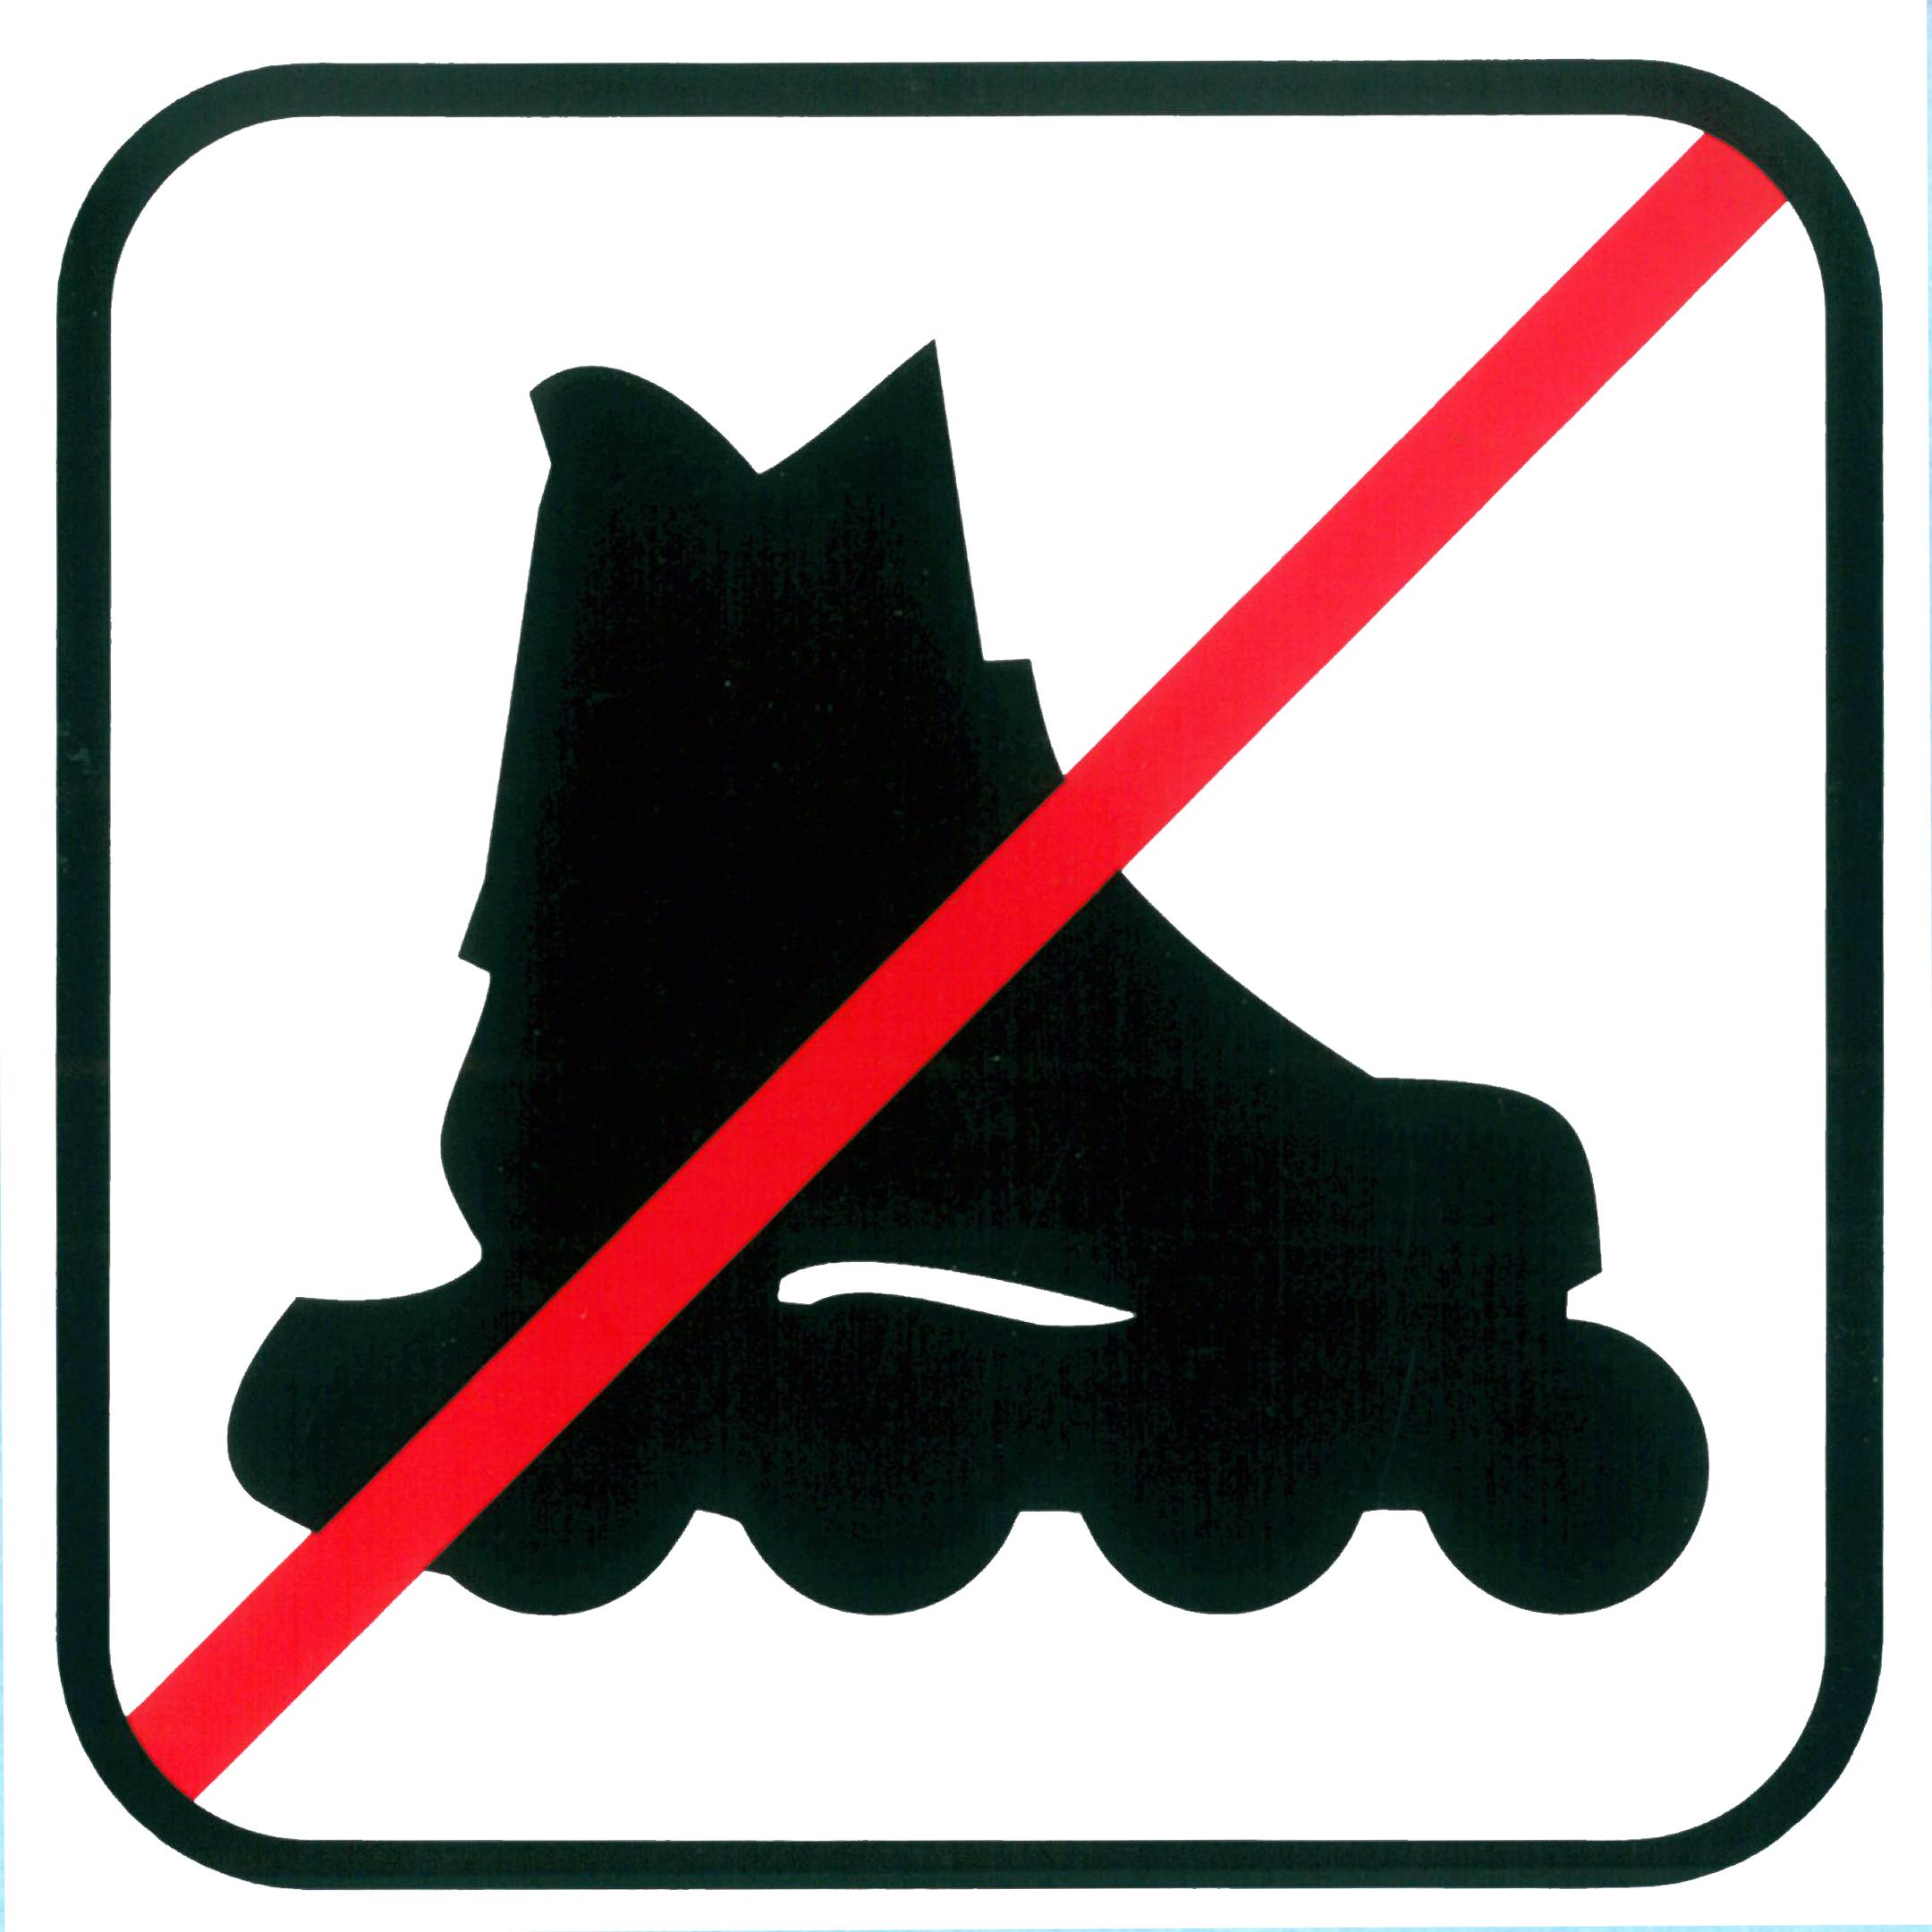 Piktogramm V20392: Verbot für Inline-Skater